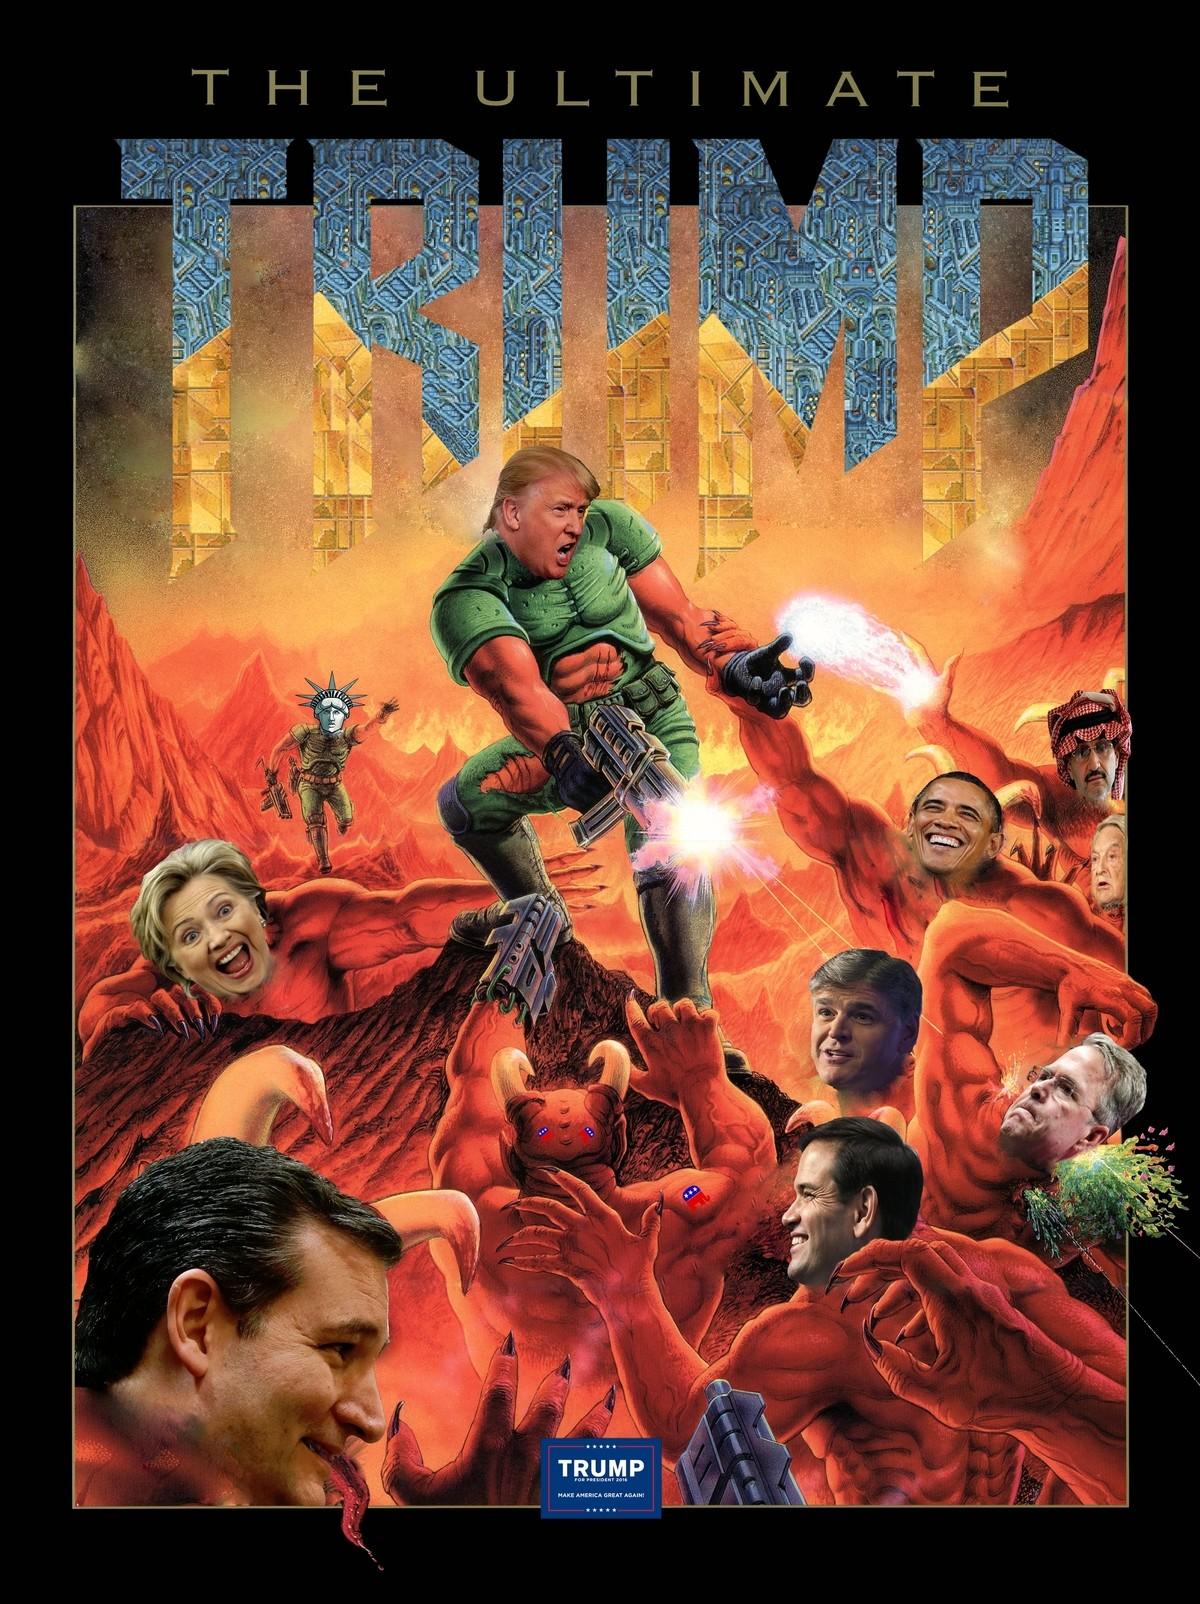 Wallpaper Trump